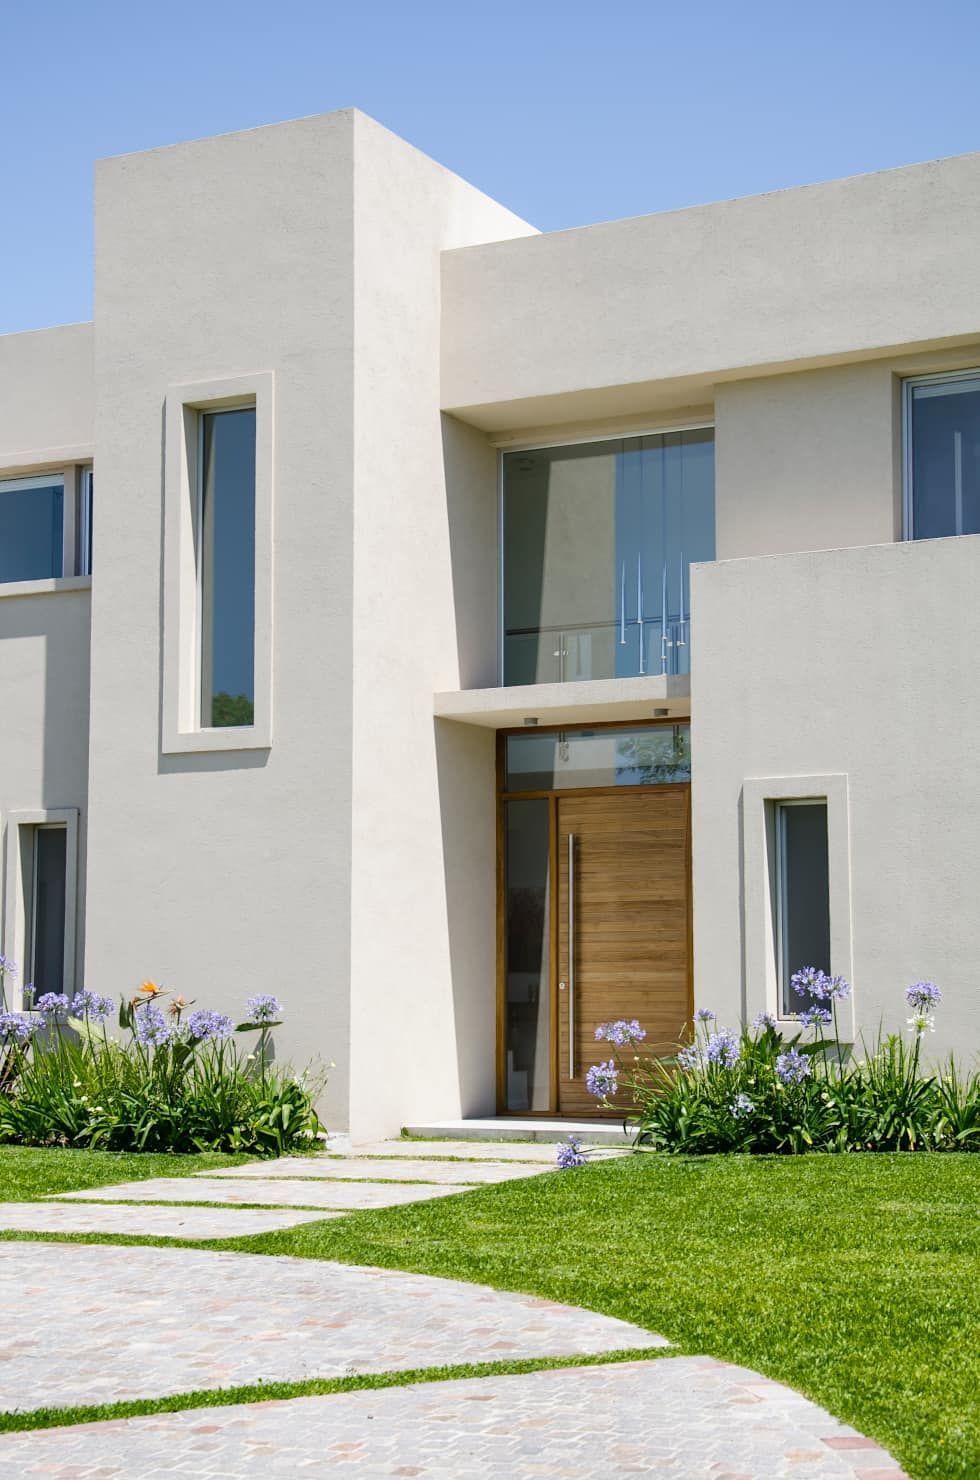 Casas por parrado arquitectura em 2019 fachada - Casas arquitectura moderna ...